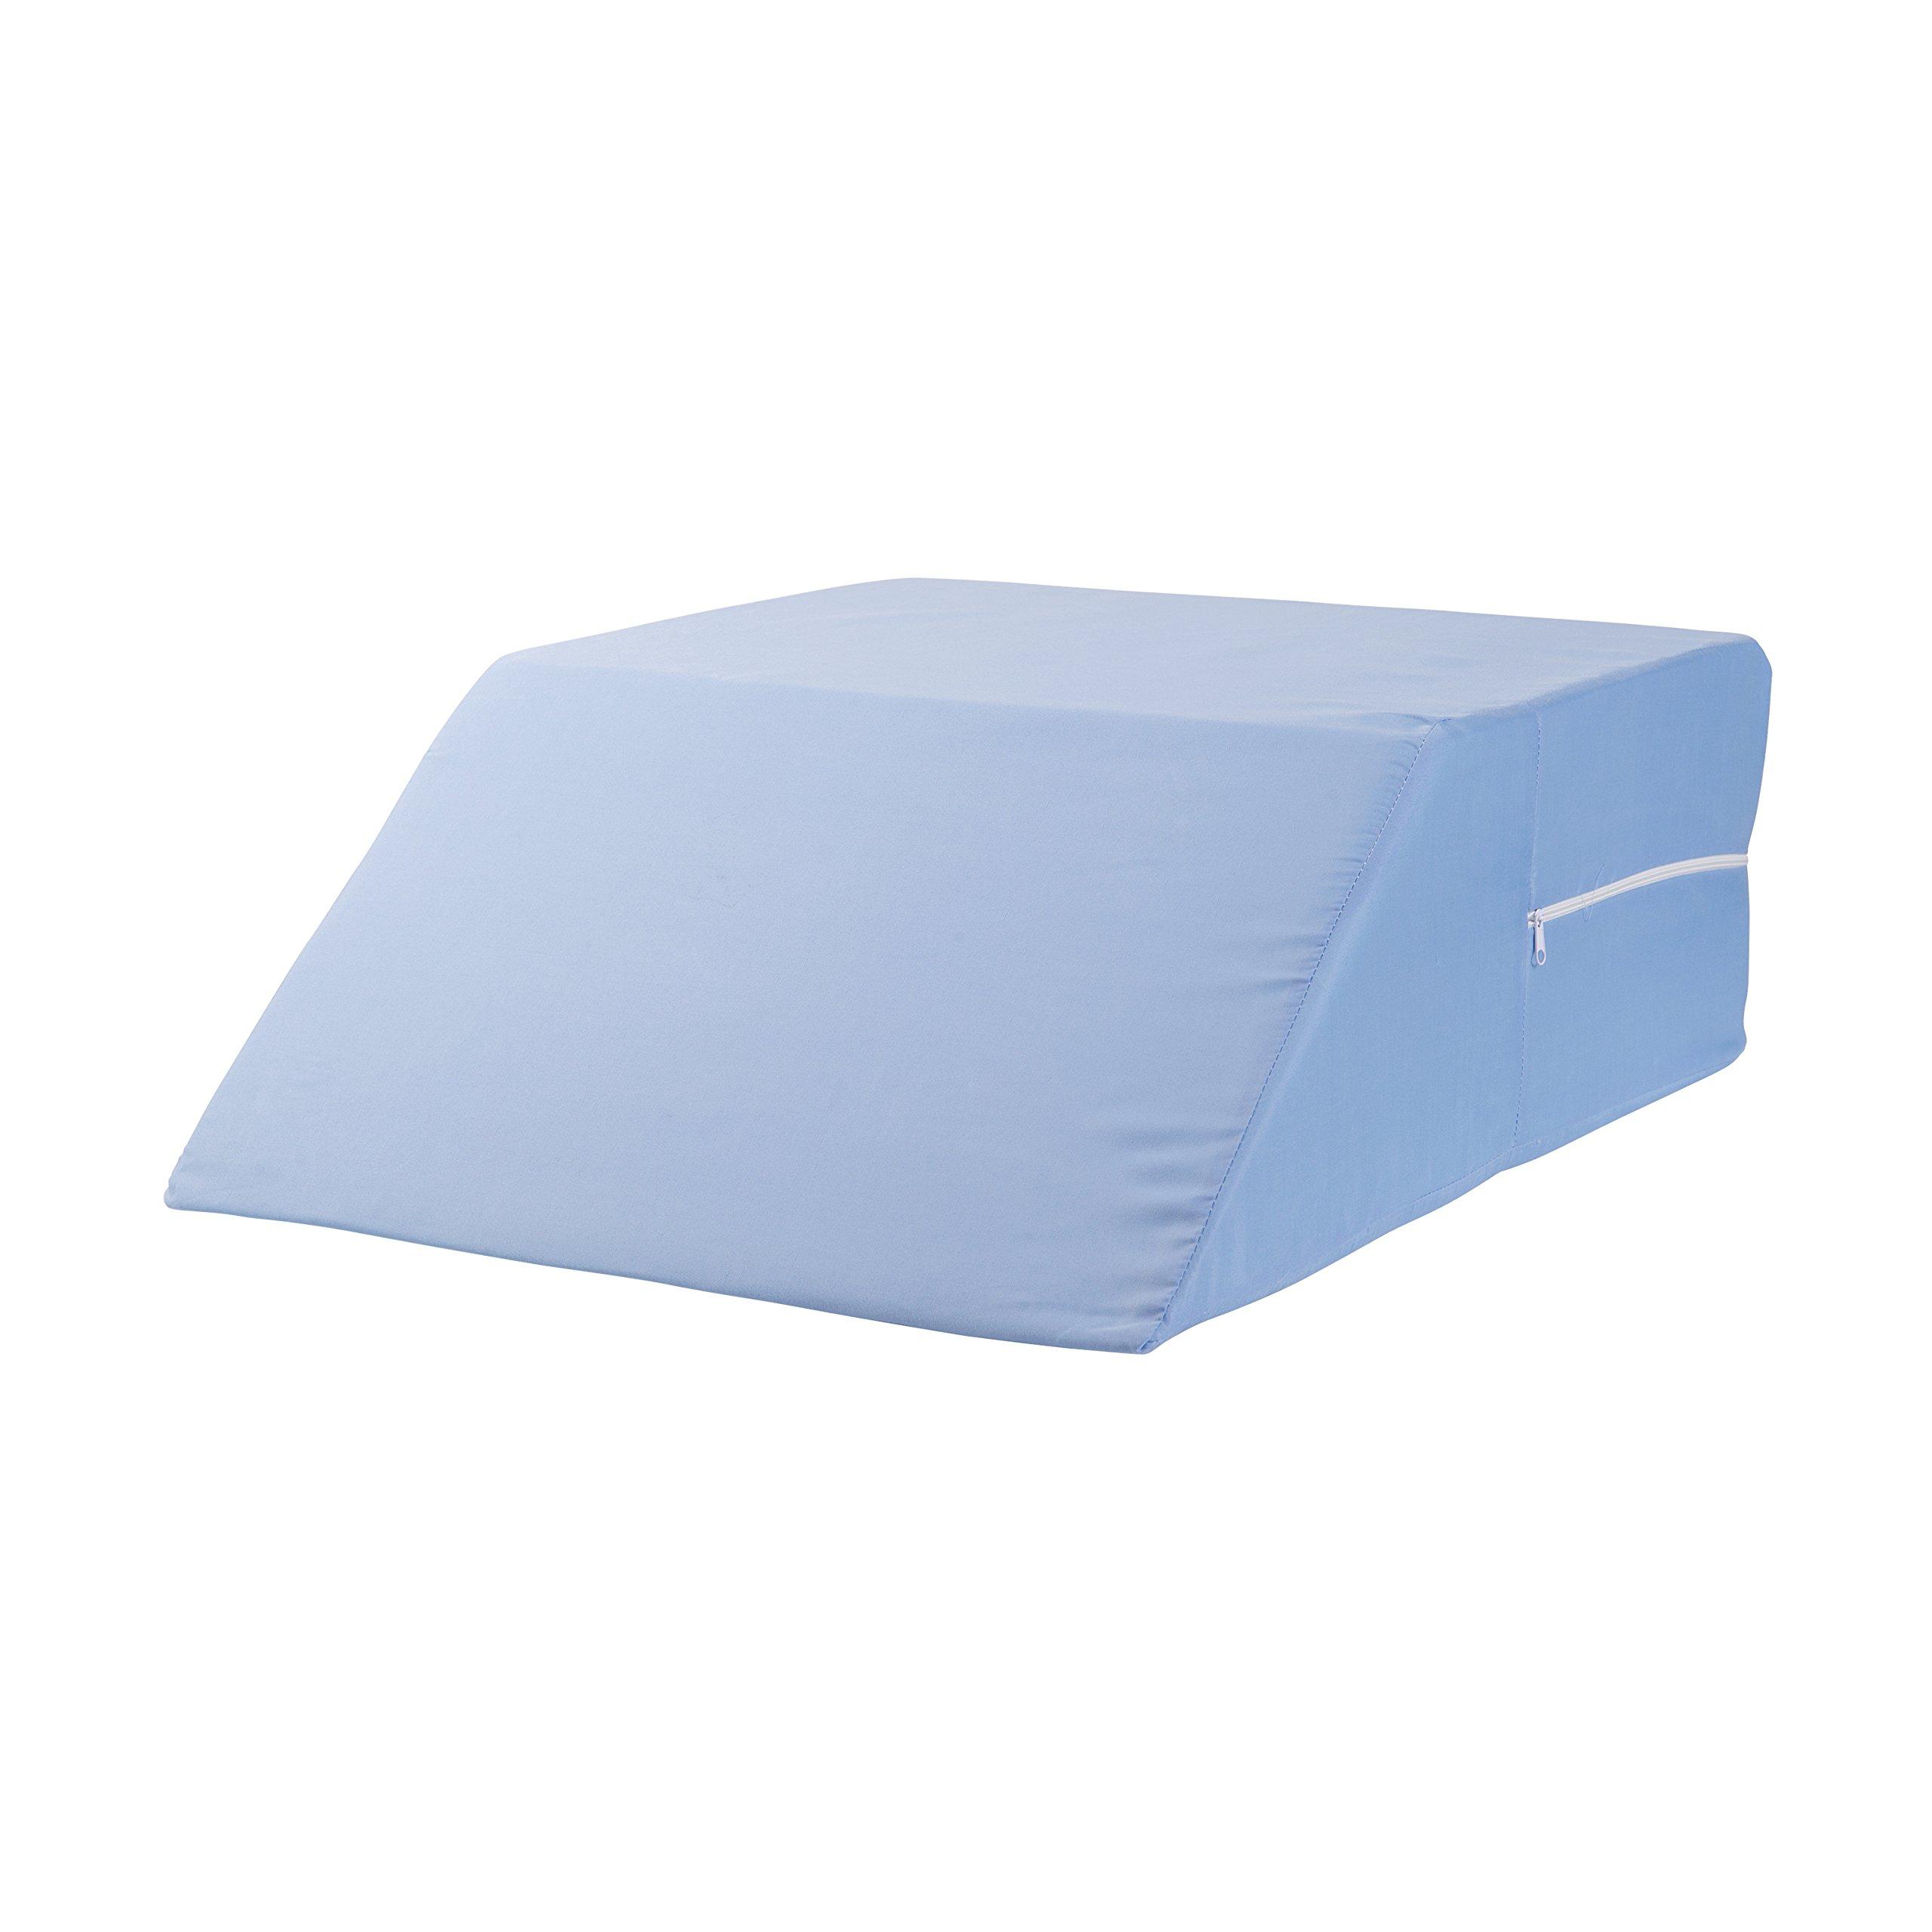 Dmi Ortho Bed Wedge Supportive Foam Leg Rest Cushion